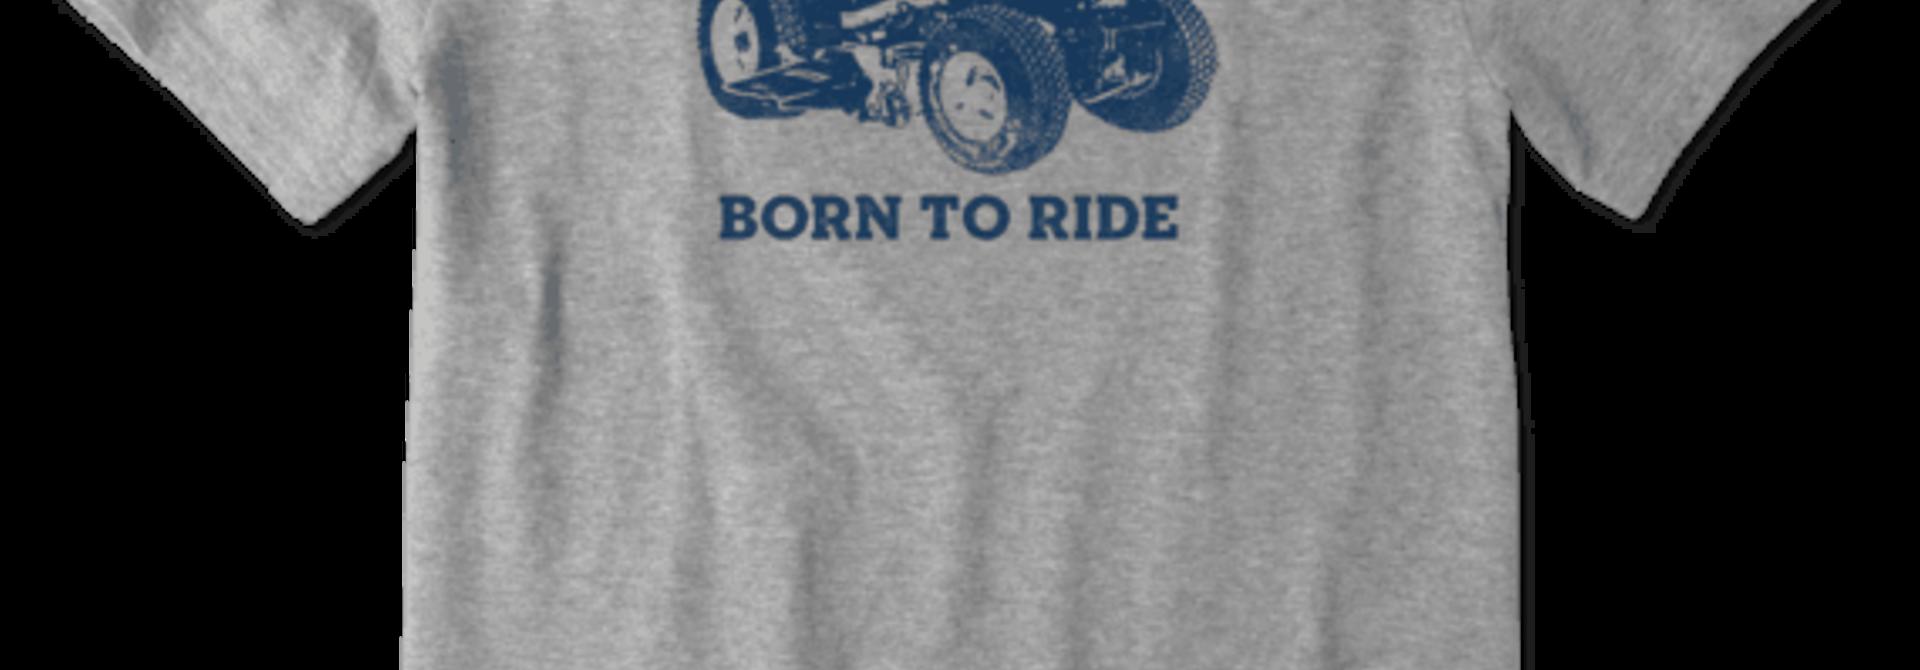 M's Born to Ride Mower Crusher Tee,  Heather Gray